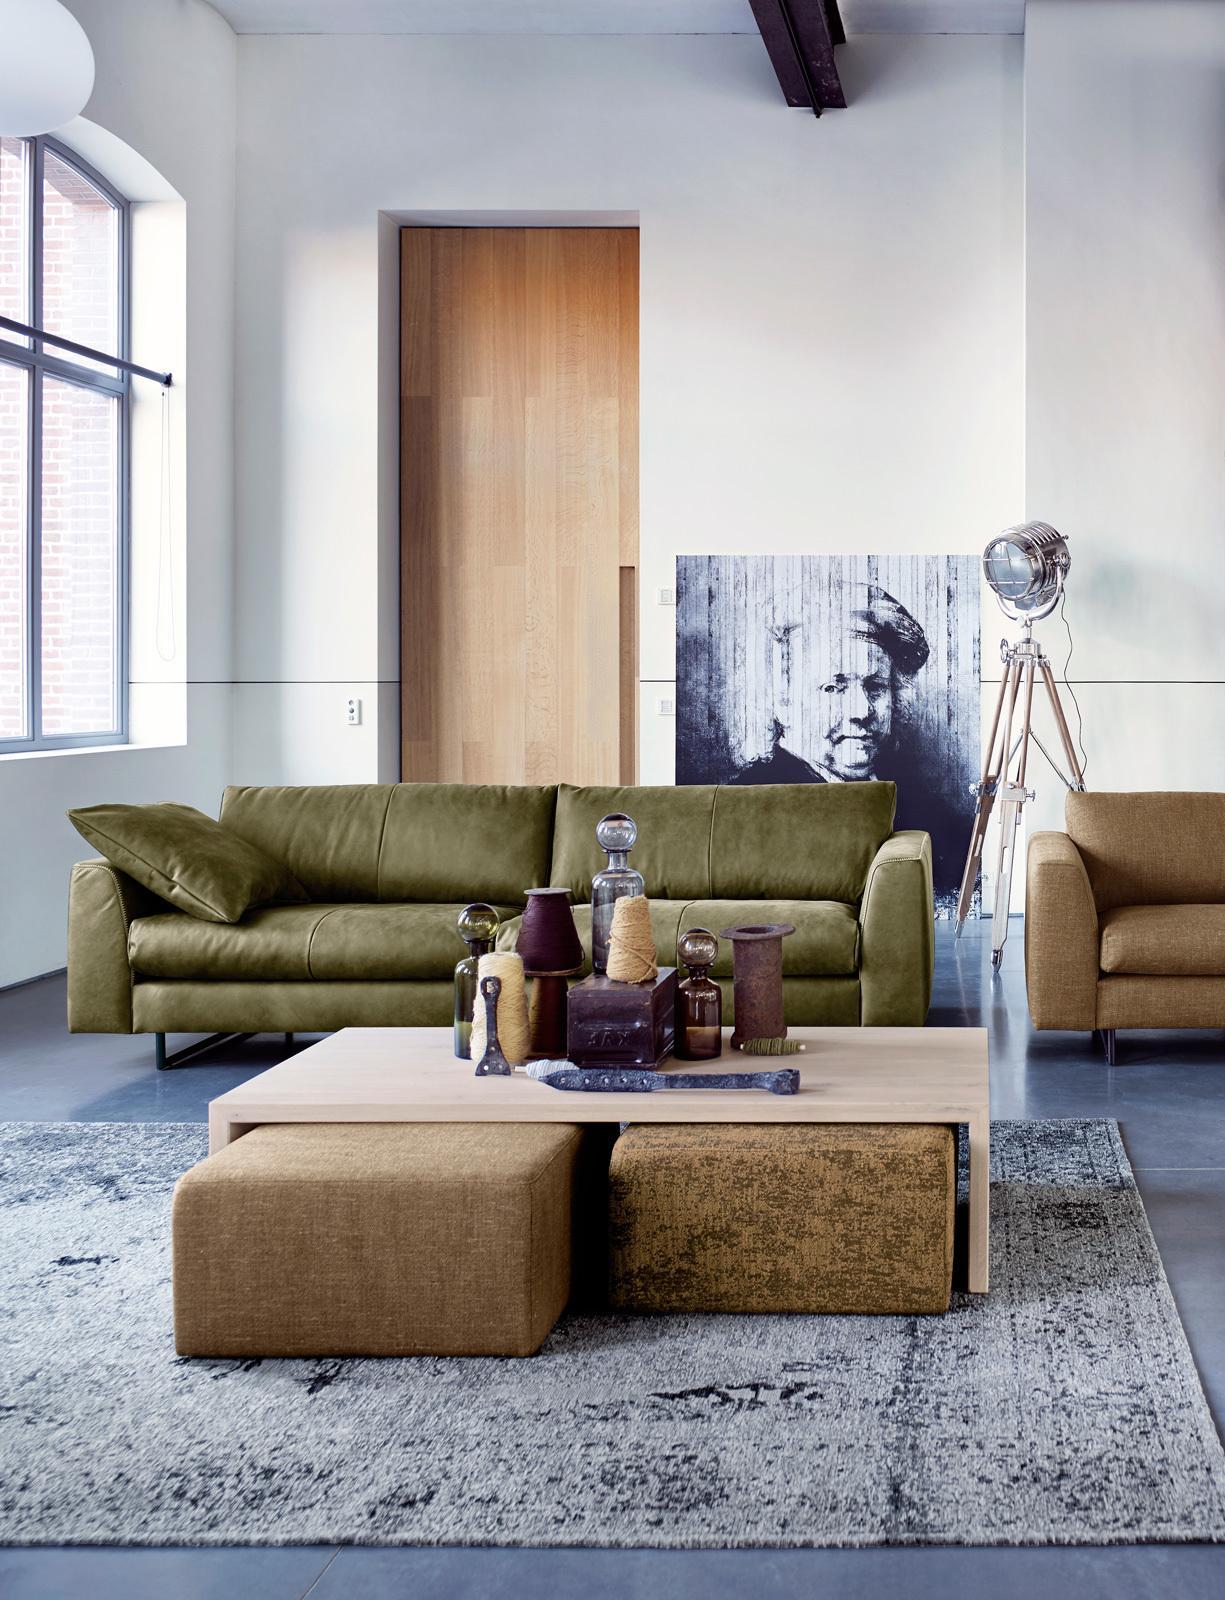 Meek 39 s meubelen d meubelzaak in de achterhoek for Funda landelijk achterhoek